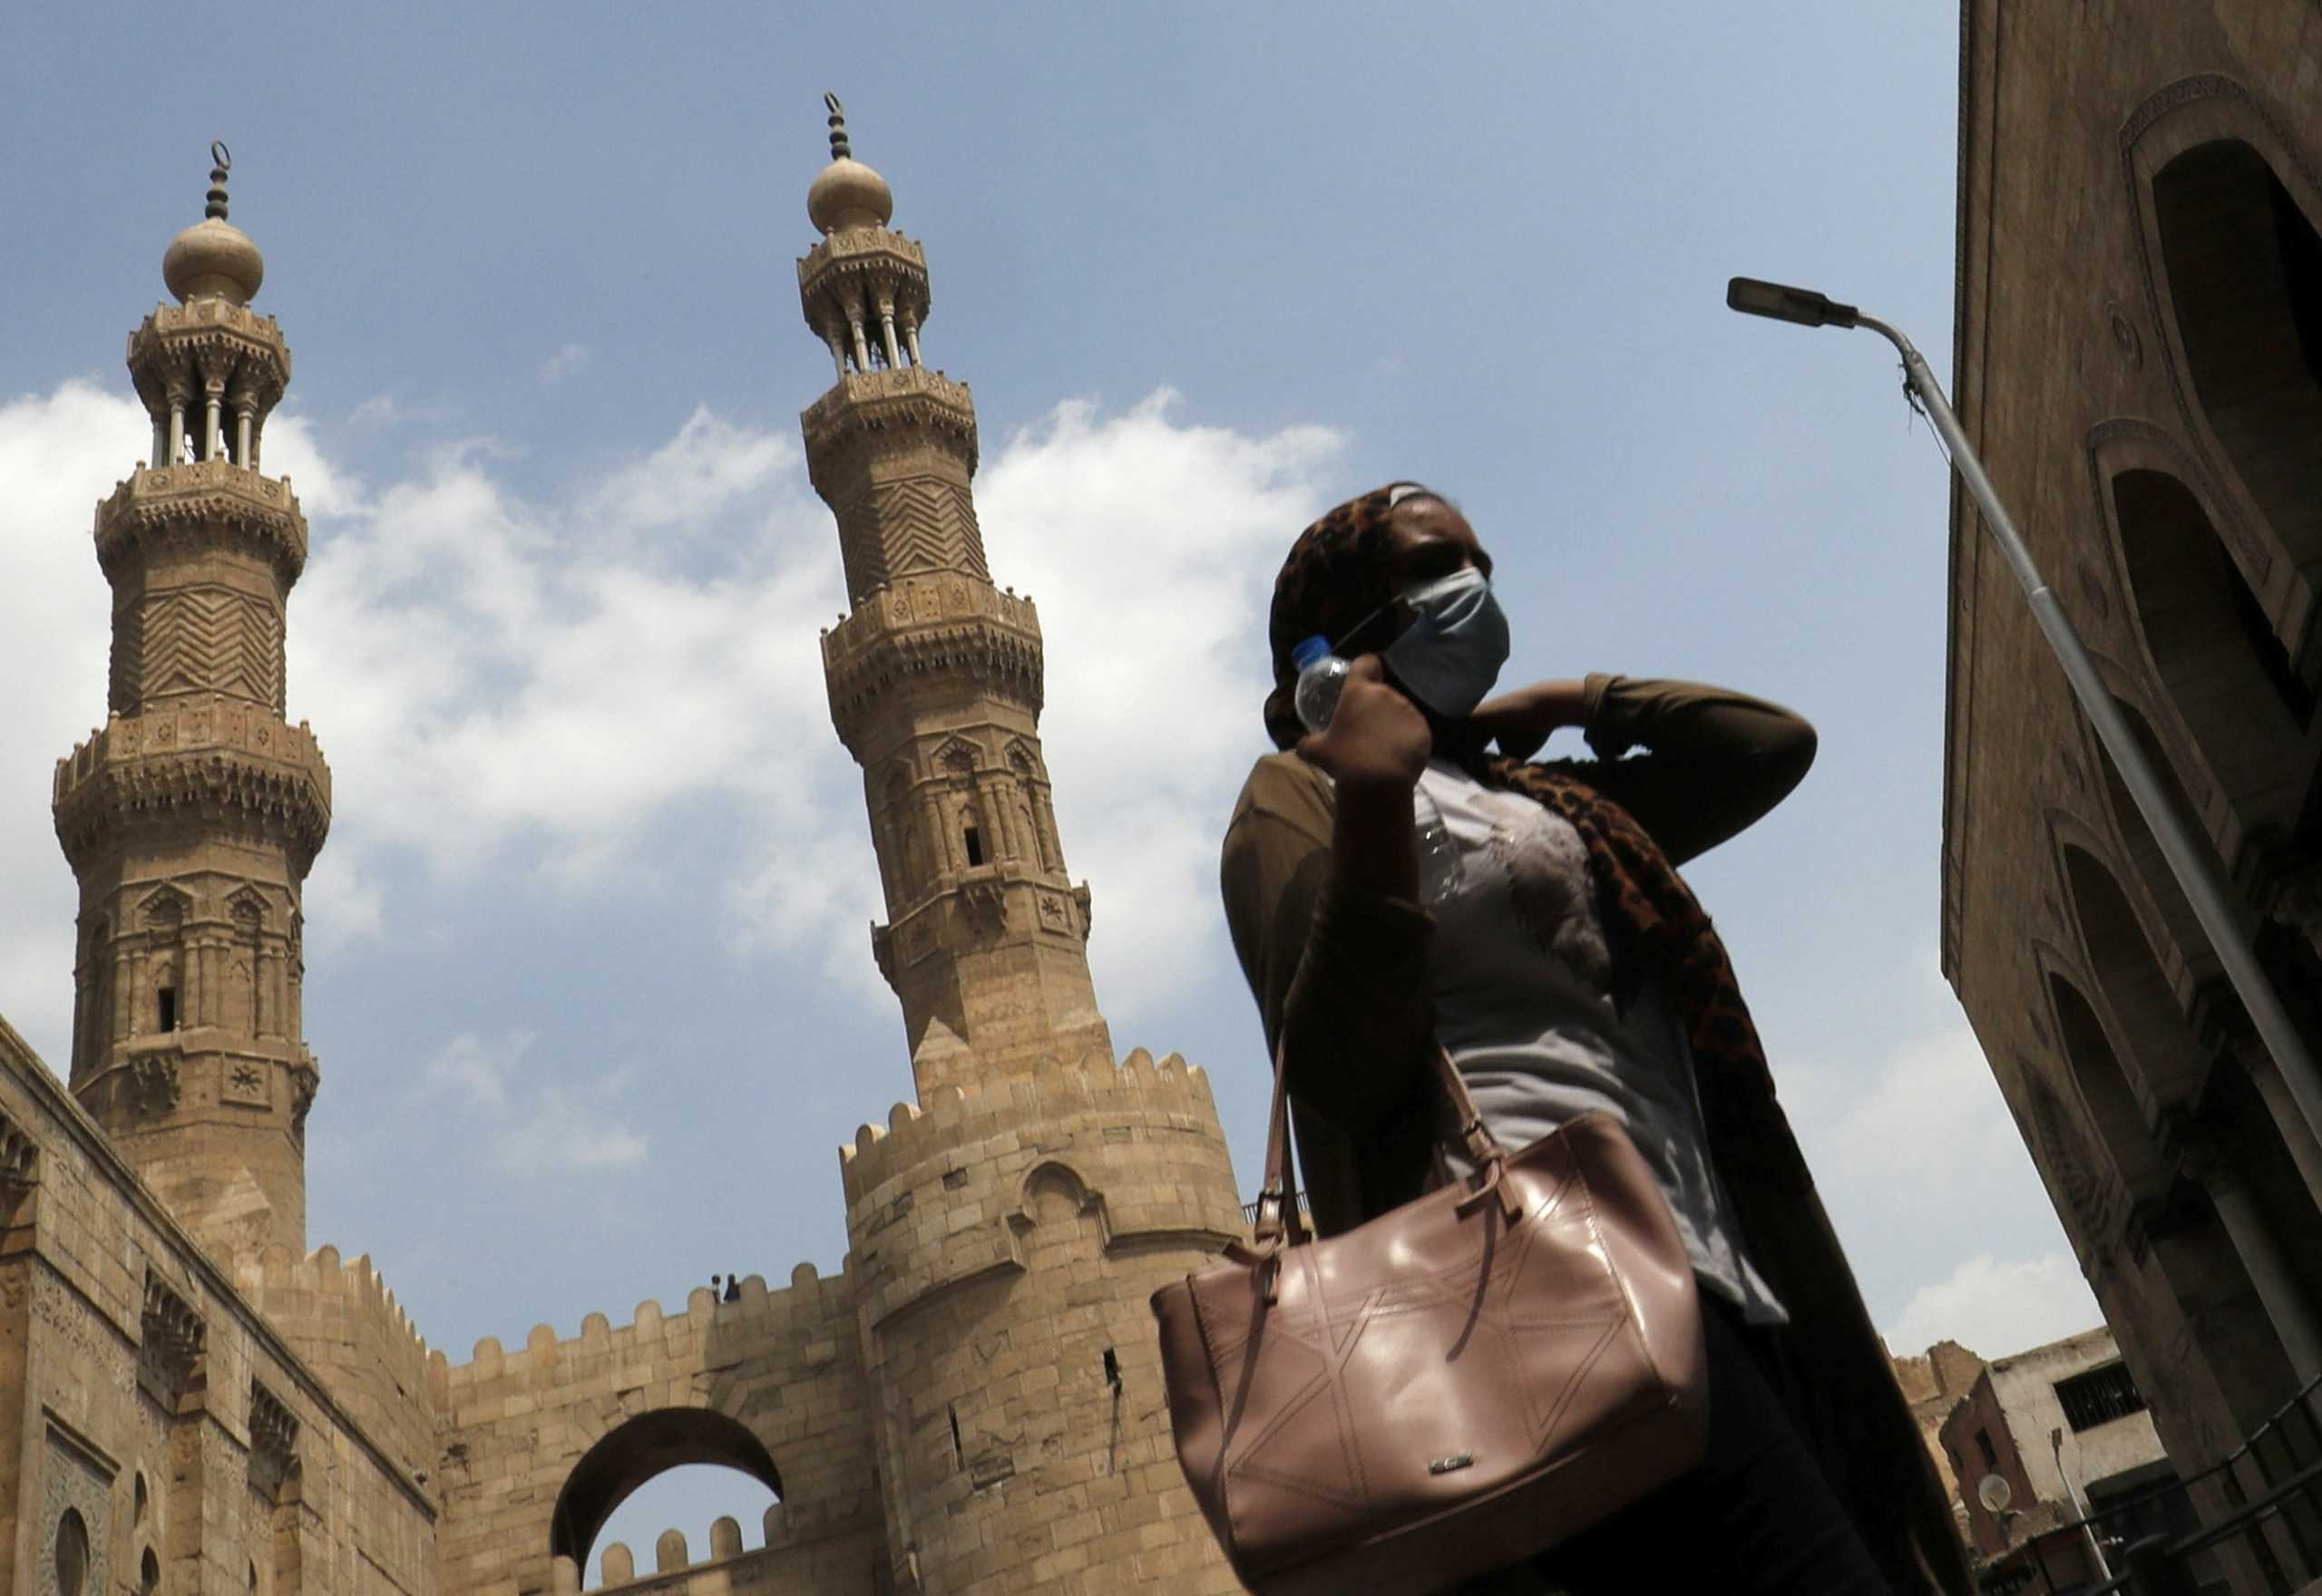 Αίγυπτος: Μόνο με 2 τεστ την εβδομάδα η είσοδος εκπαιδευτικών σε σχολεία και πανεπιστήμια